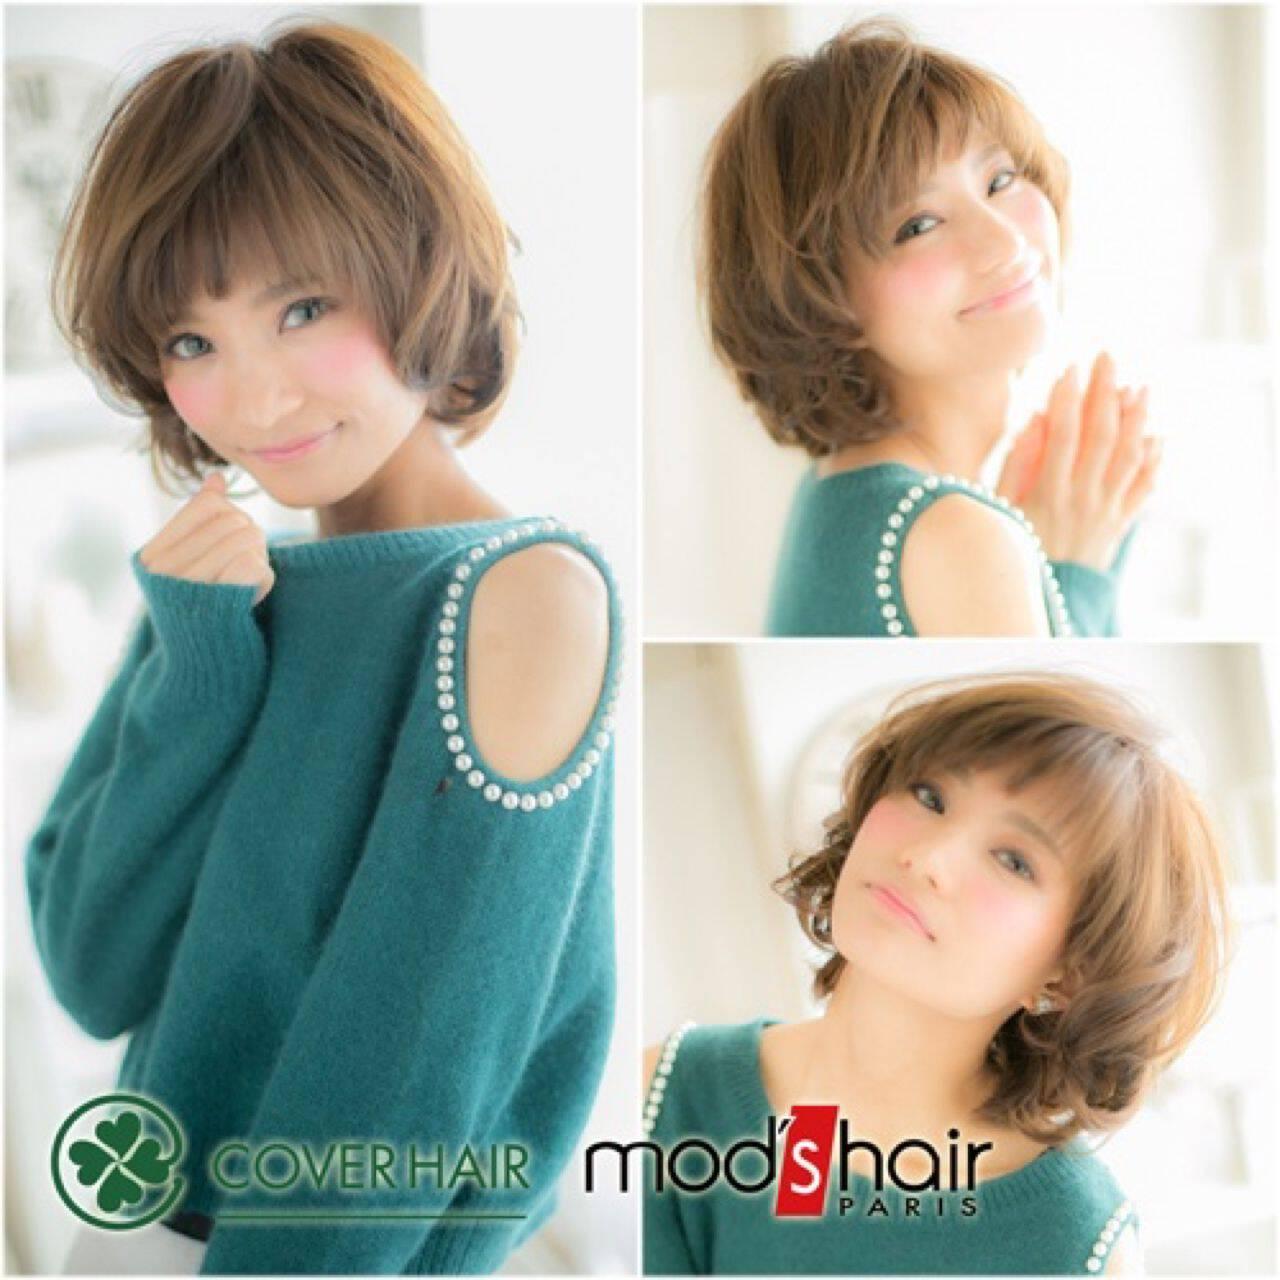 ミディアム コンサバ パーマ ブラウンベージュヘアスタイルや髪型の写真・画像